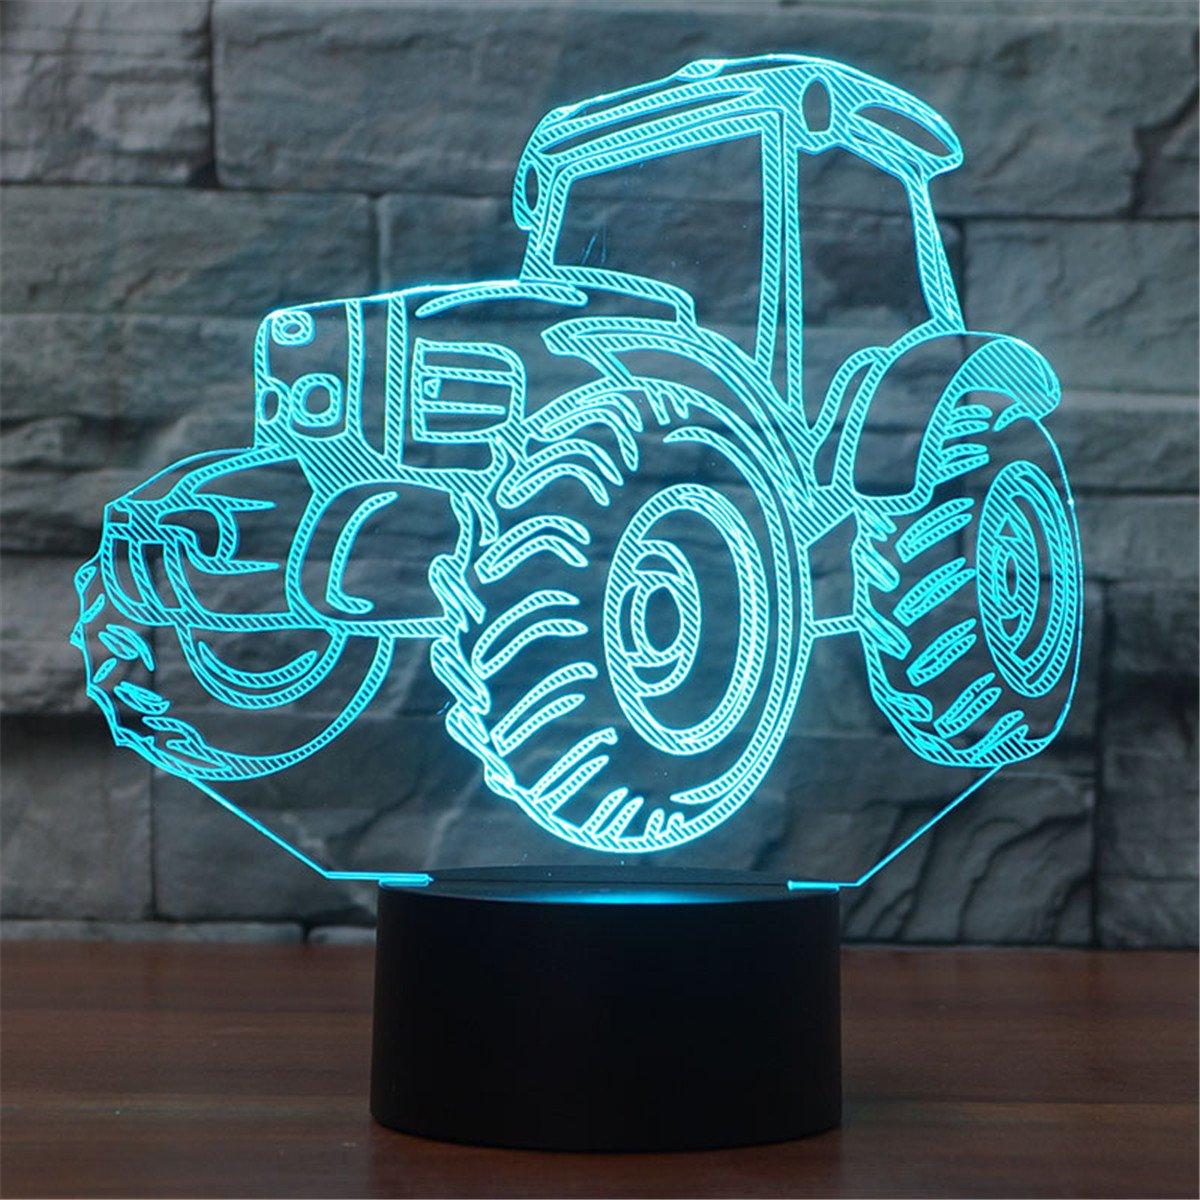 3D Illusion Lampe Traktor LED Nachtlicht, USB-Stromversorgung 7 Farben Blinken Berührungsschalter Schlafzimmer...